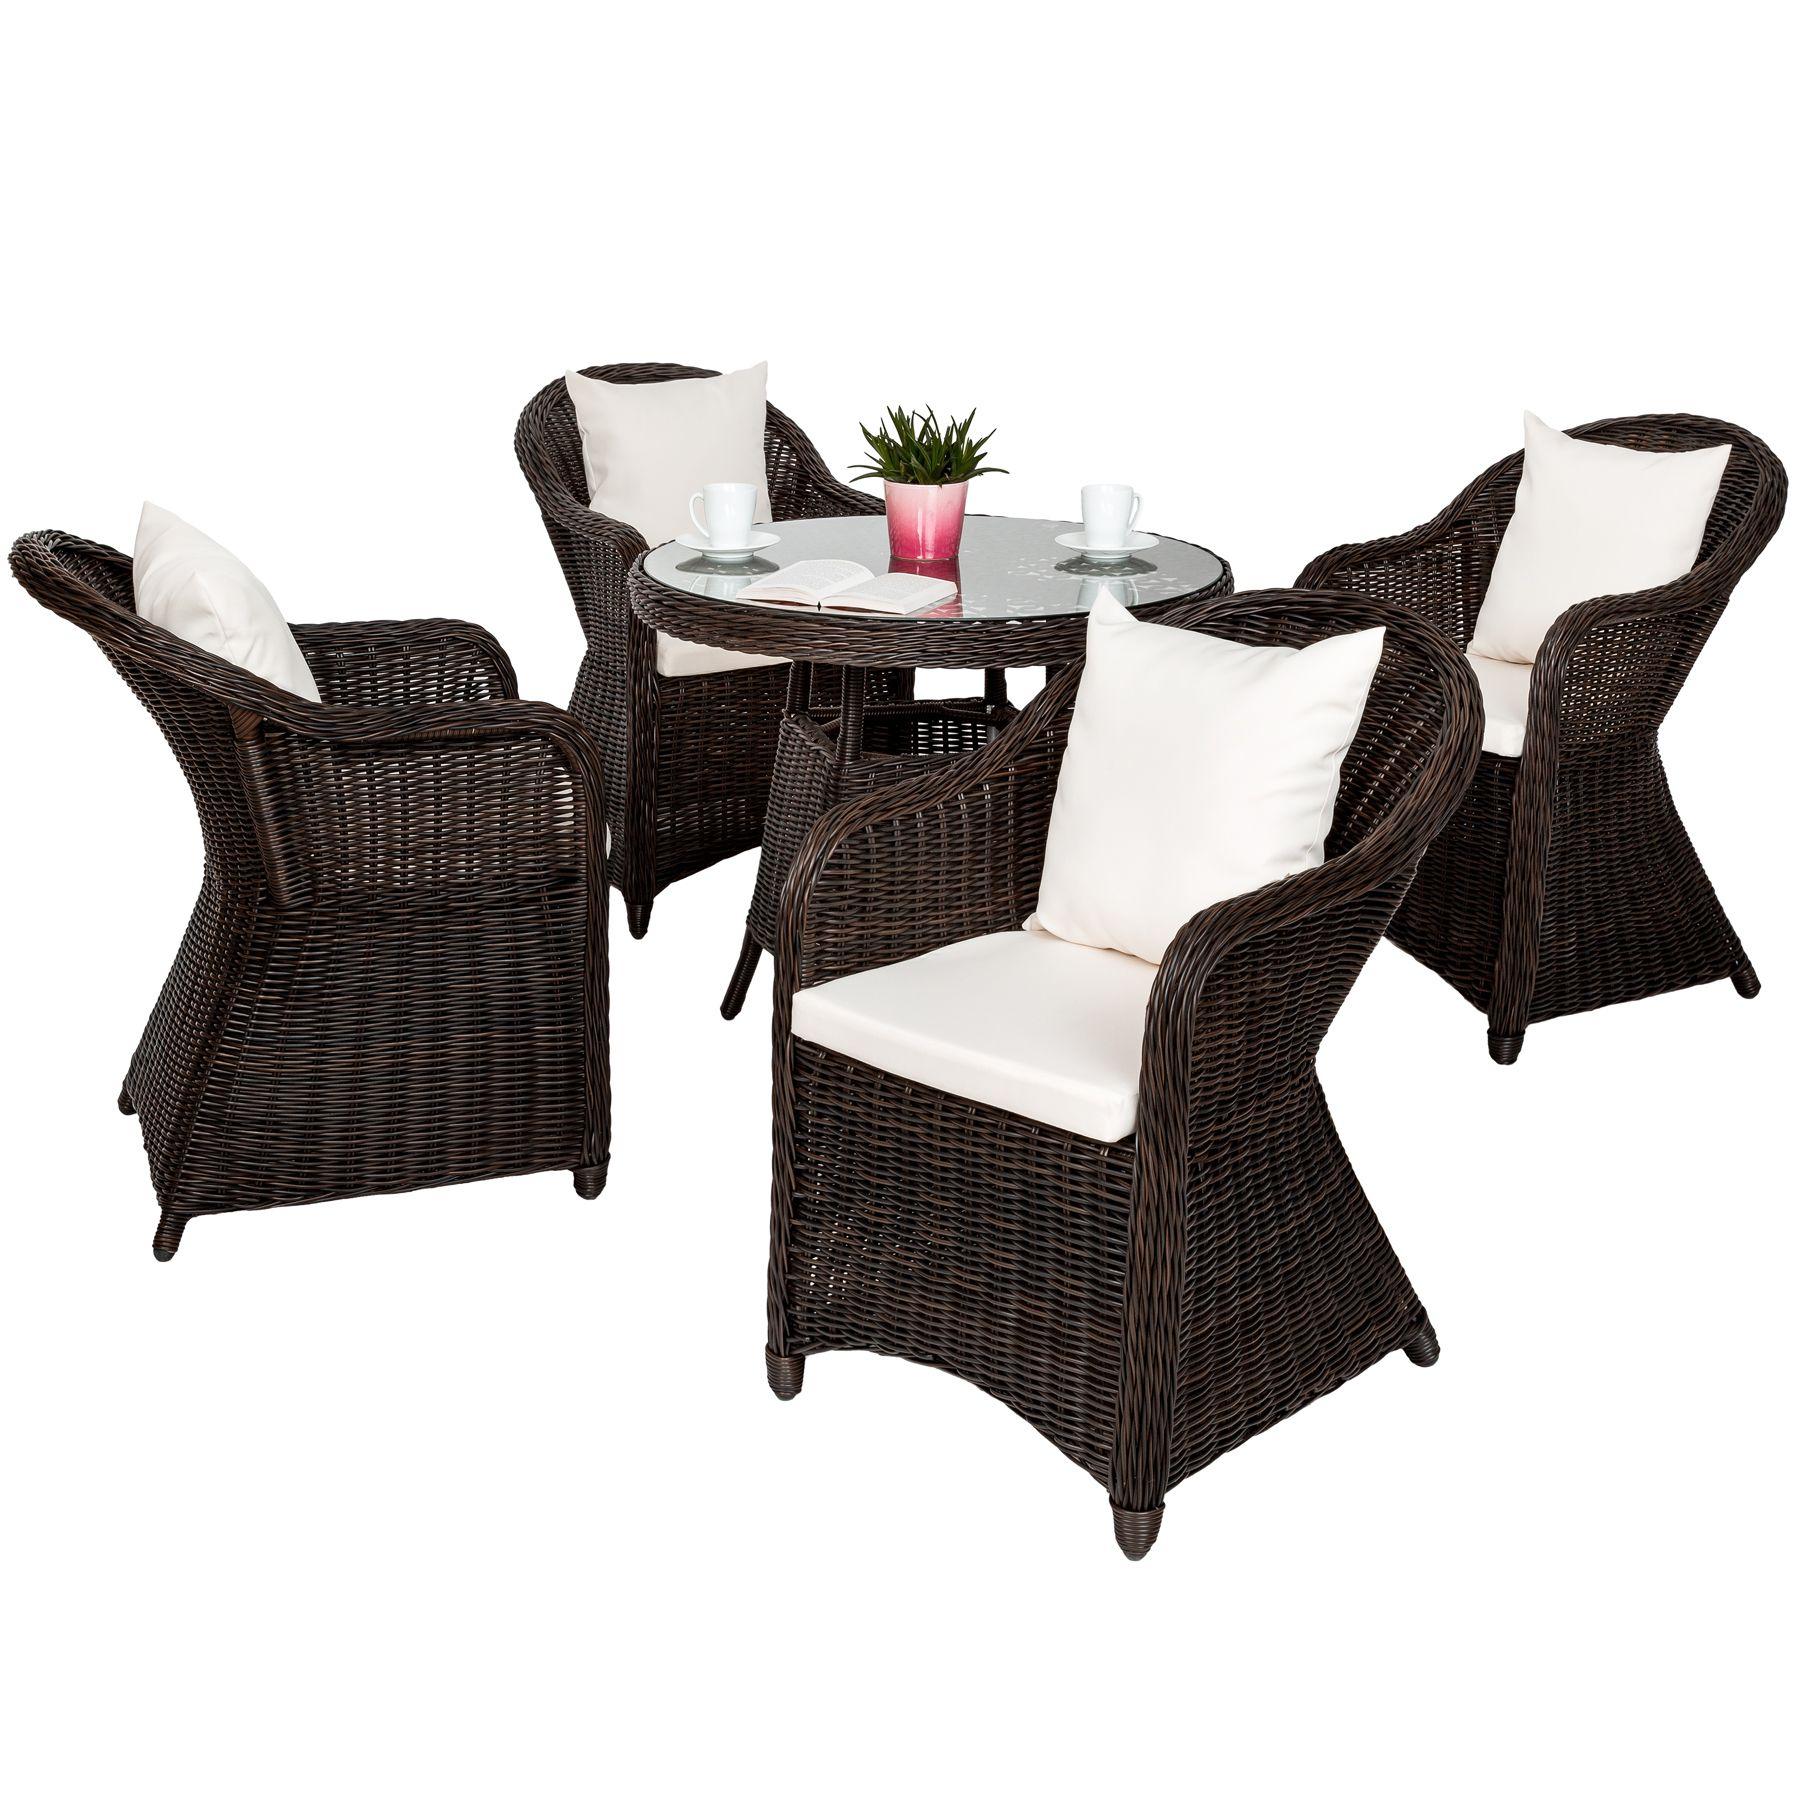 Alu Garten Sitzgruppe 4 Gartenstuhl Tisch Set Polyrattan Gartenmöbel Stuhl  Braun | EBay